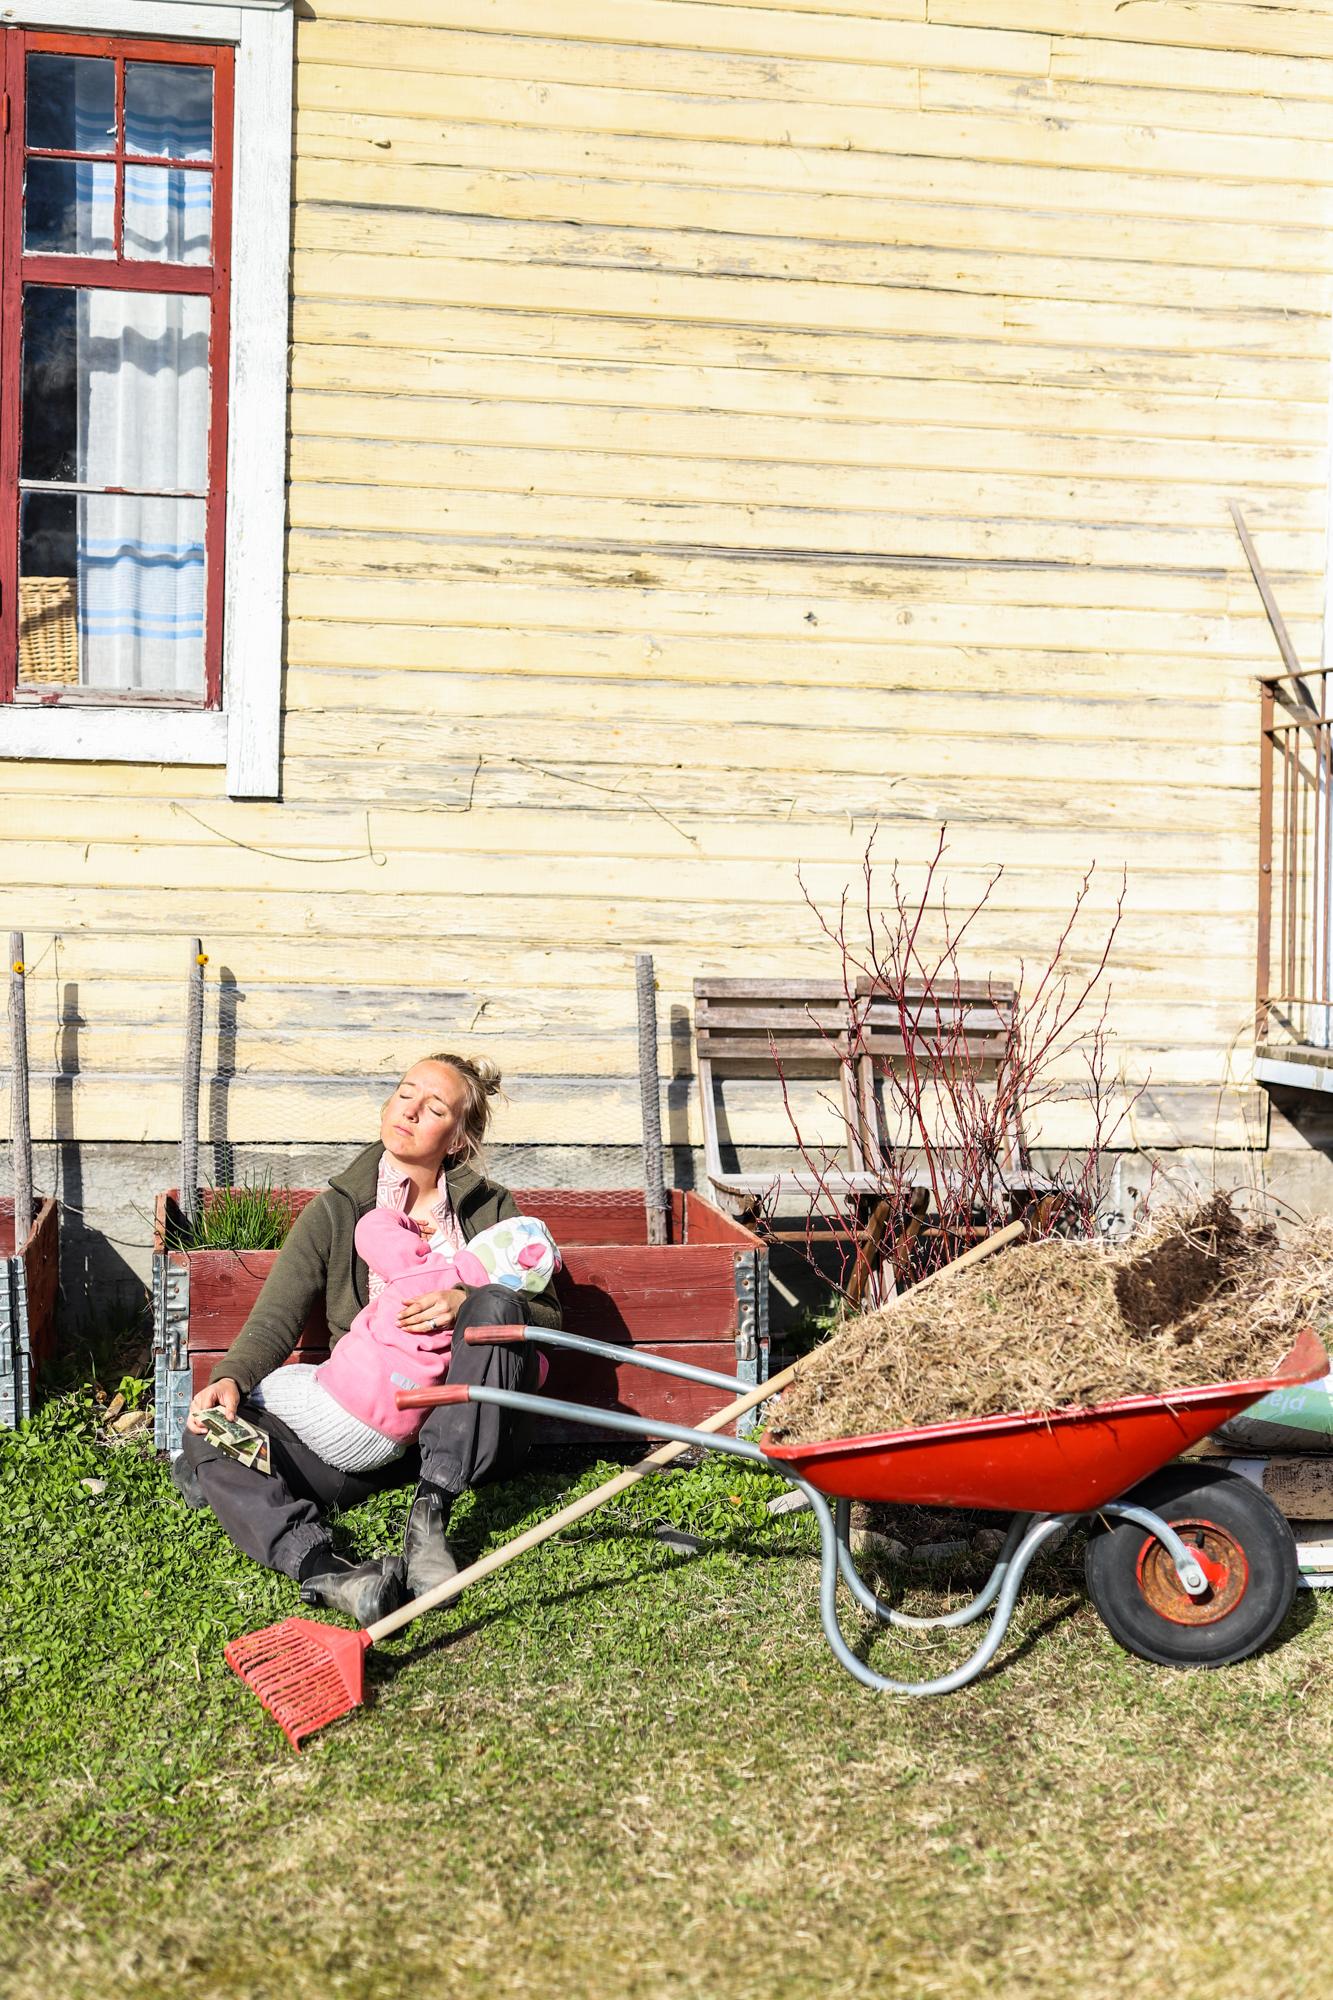 Vårstäd av trädgård och drömmen Årets Vårprimörer i pallkragarna!